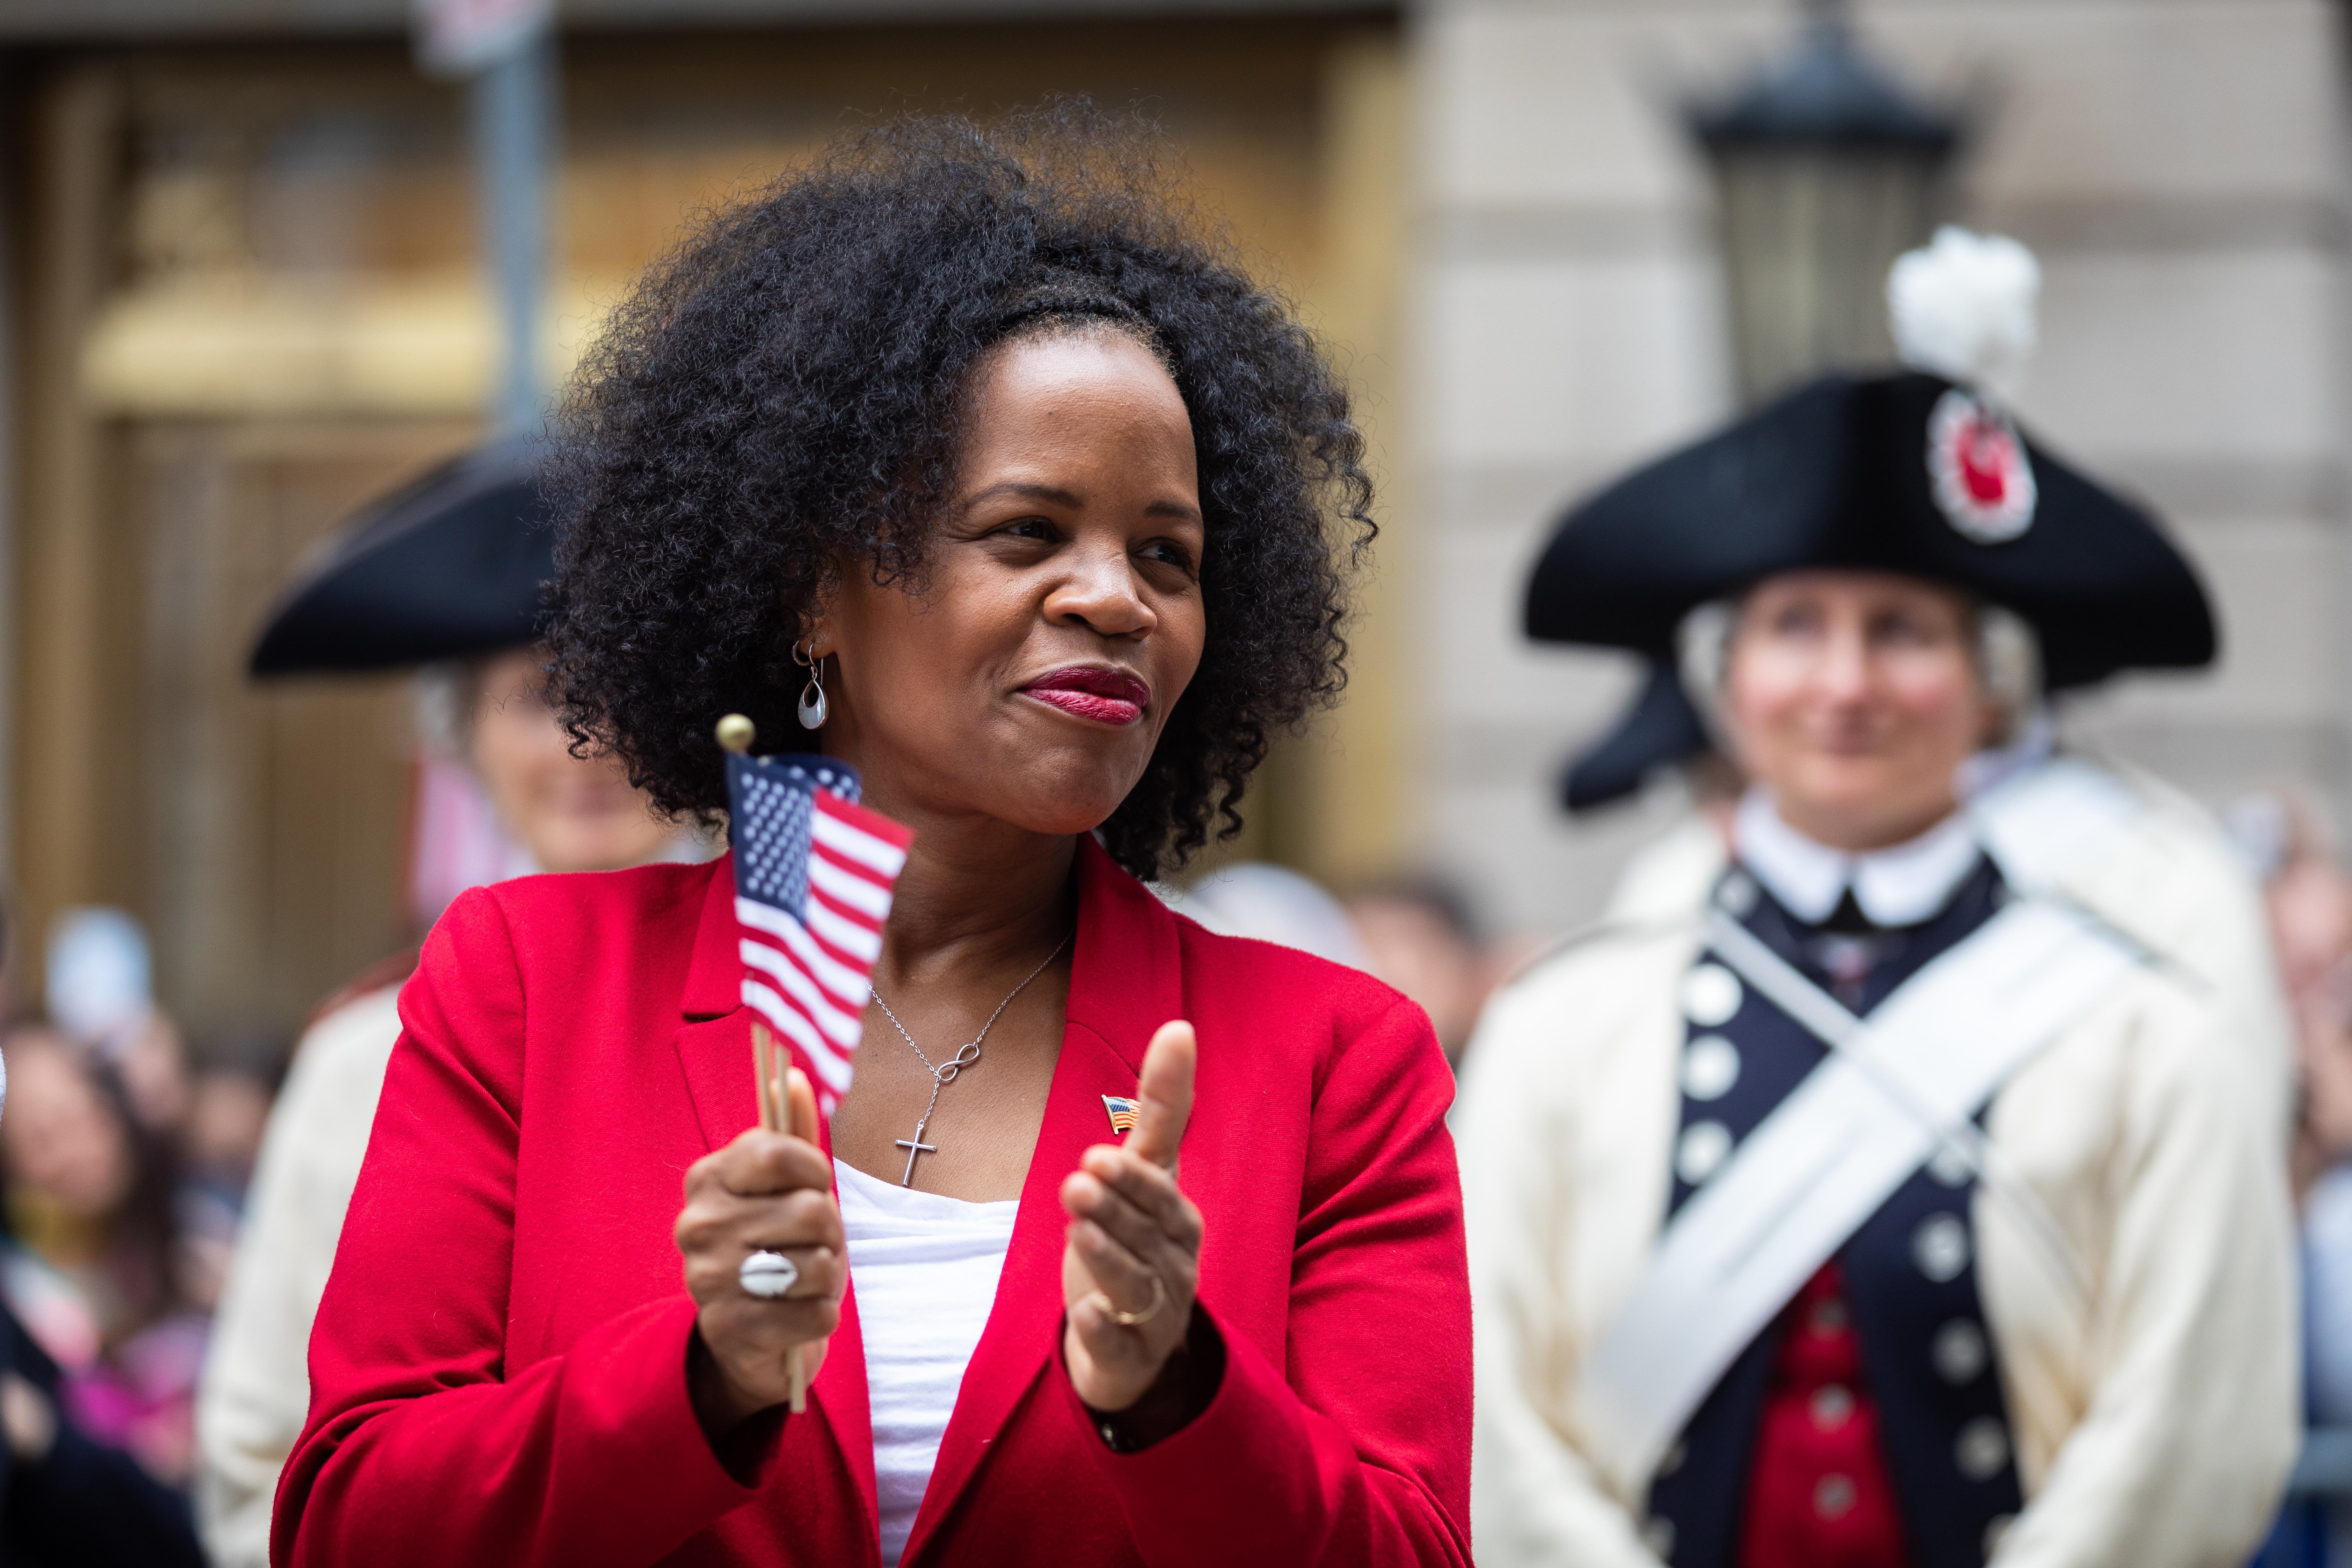 Walikota Boston Kim Johnny bertepuk tangan untuk musik yang dimainkan di Old State House selama parade 4 Juli di Boston, MA.